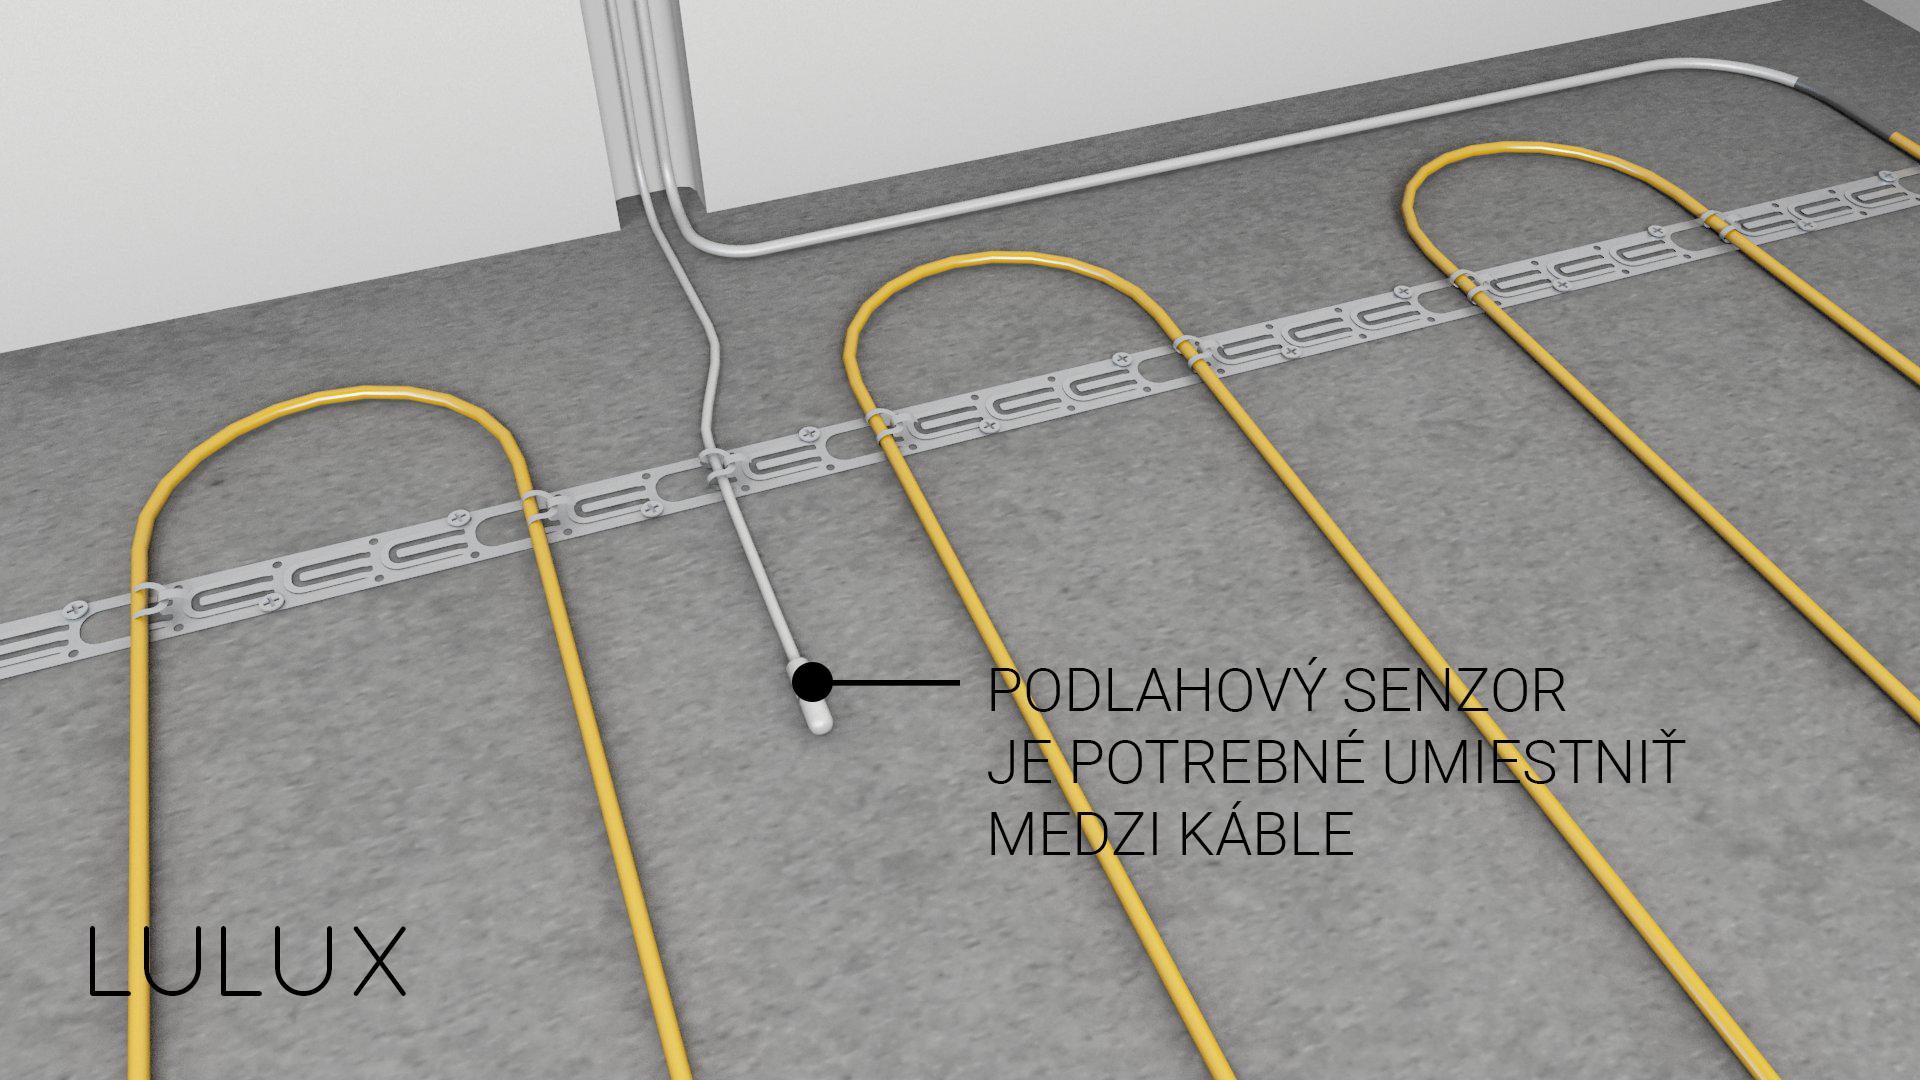 elektricke-podlahove-kurenie-podlahovy-senzor